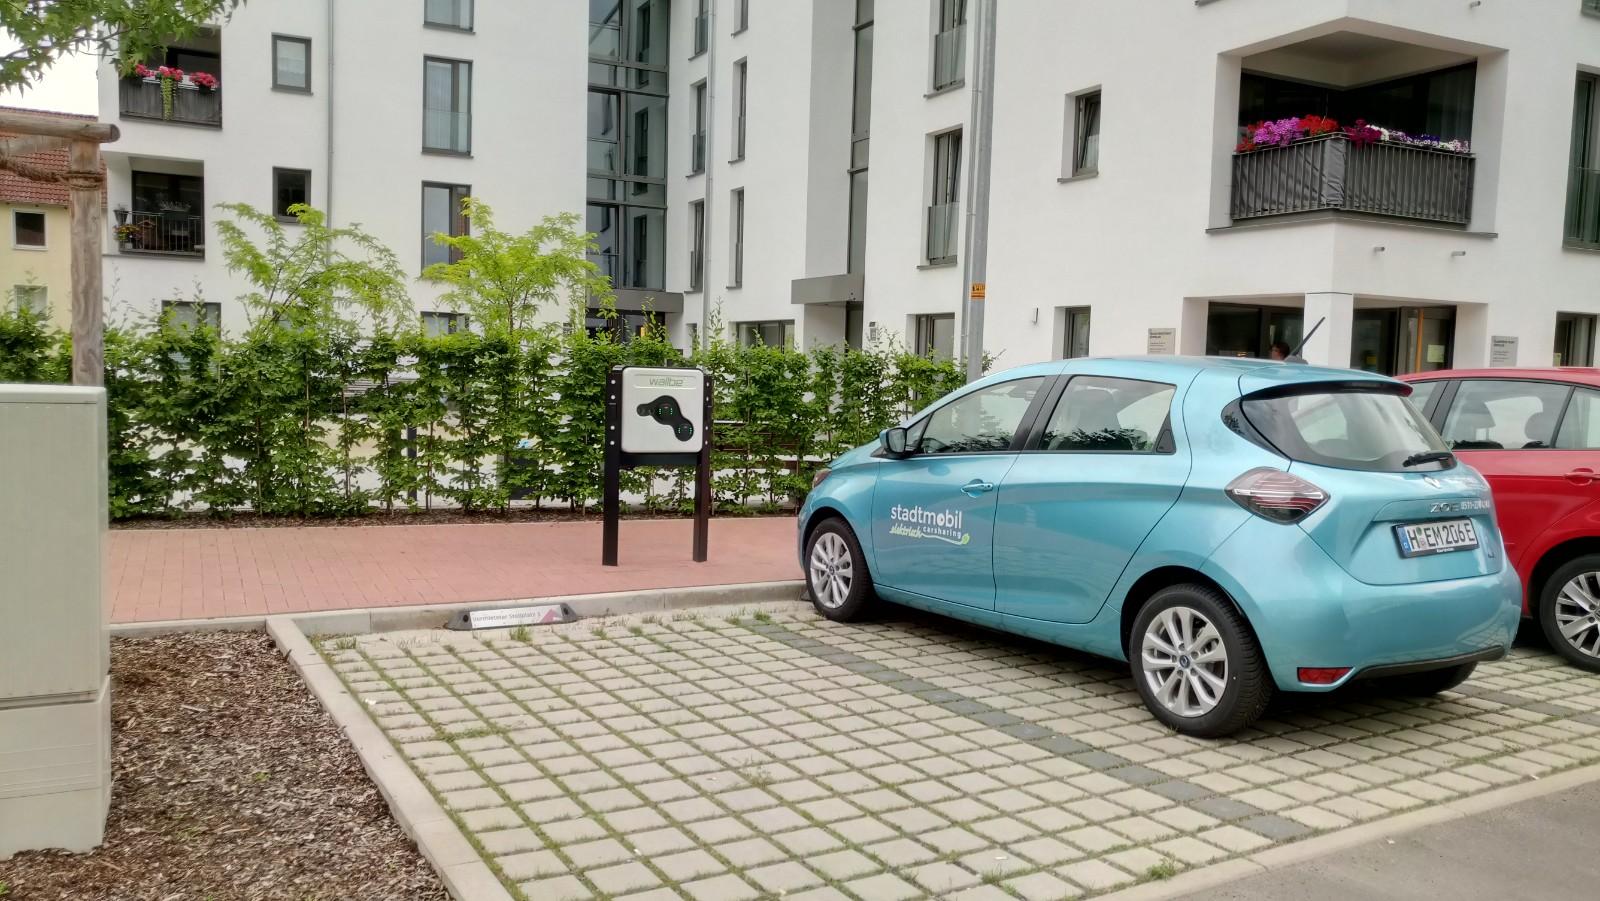 Neue Stellplätze kommen im Sommer bei stadtmobil Hannover